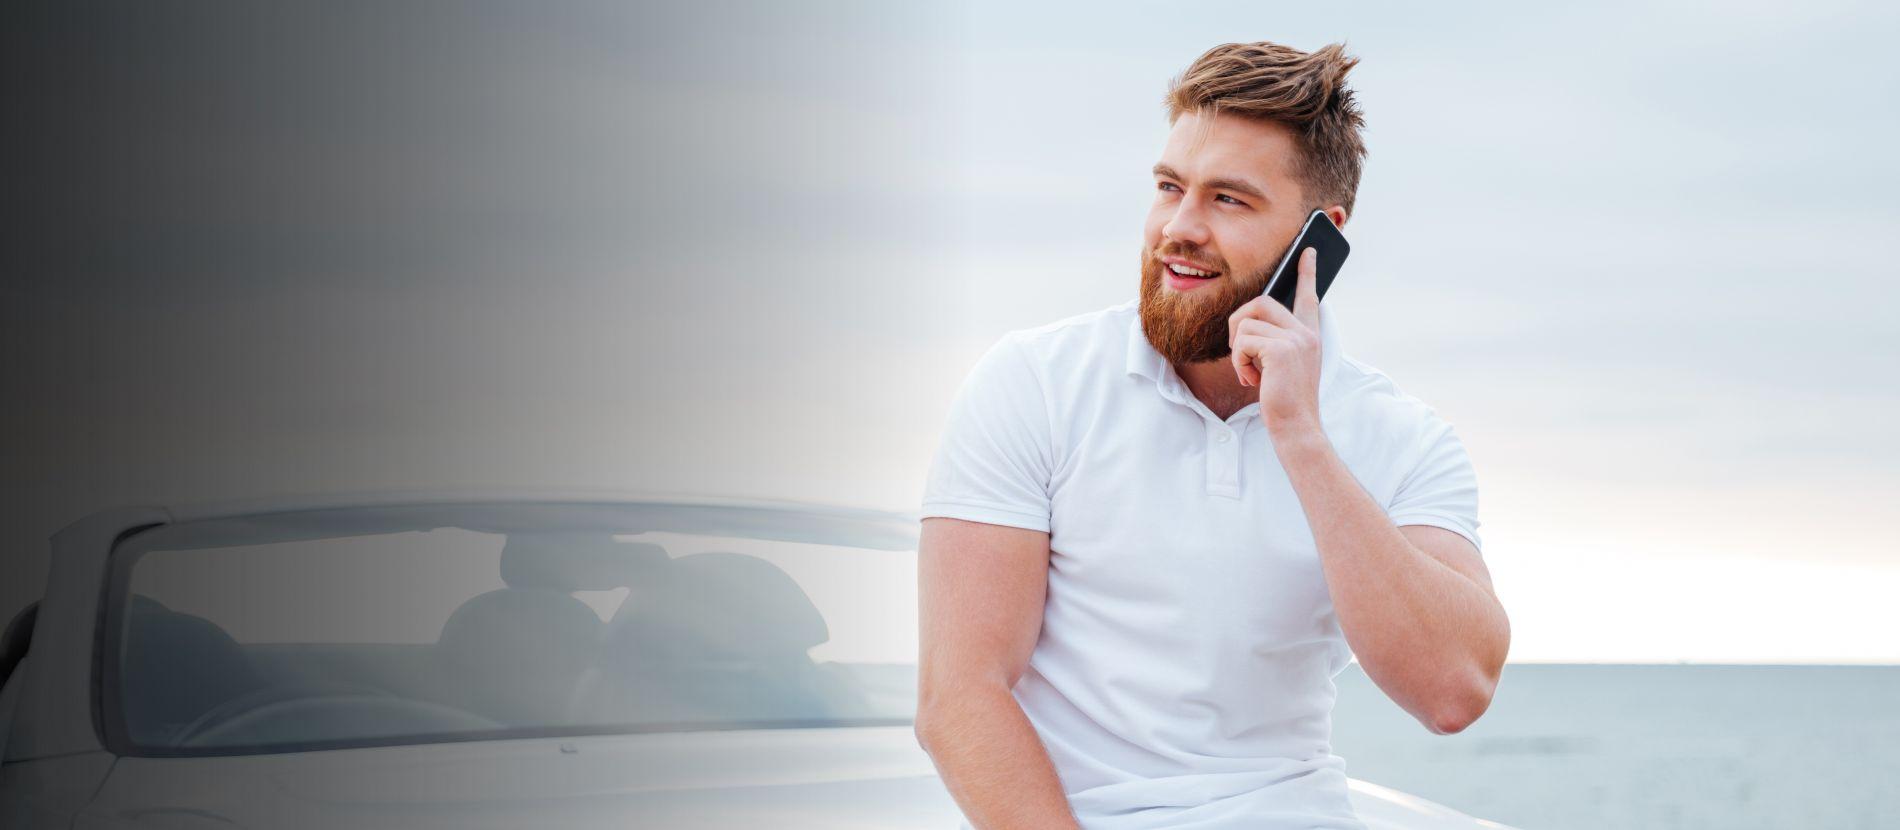 Кредитование физических лиц. Одобрение 86% в день звонка. Ставка от 5,8%. Ежемесячный платёж от 992,34 р/мес.